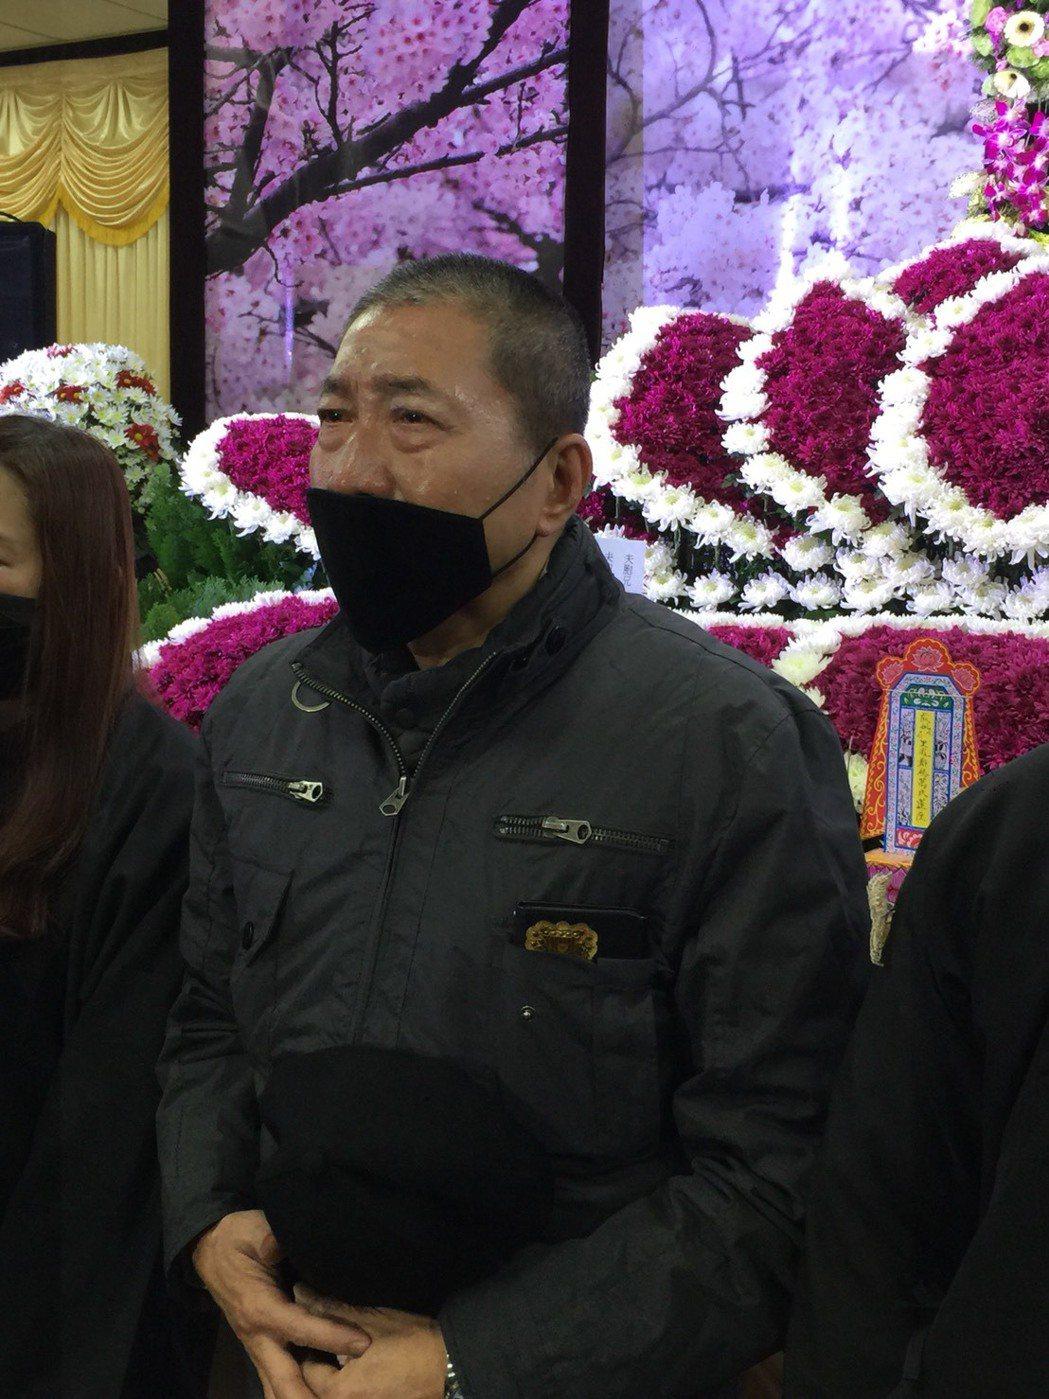 康龍與妻天人永隔,出席告別式數度淚崩。記者陳慧貞/攝影